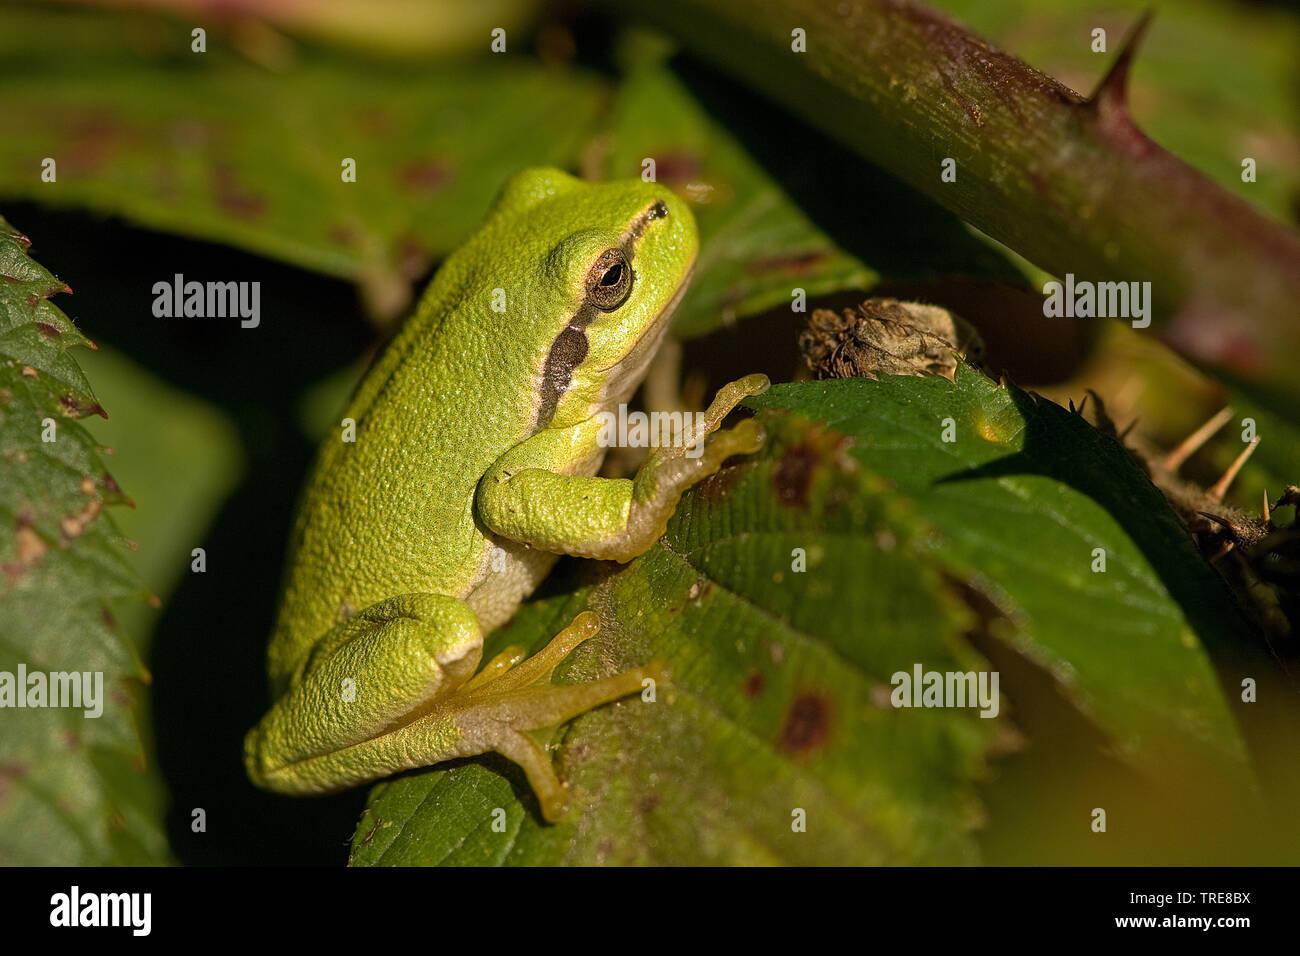 Europaeischer Laubfrosch (Hyla arborea), sitzt auf einem Blatt, Seitenansicht, Niederlande | European treefrog, common treefrog, Central European tree - Stock Image